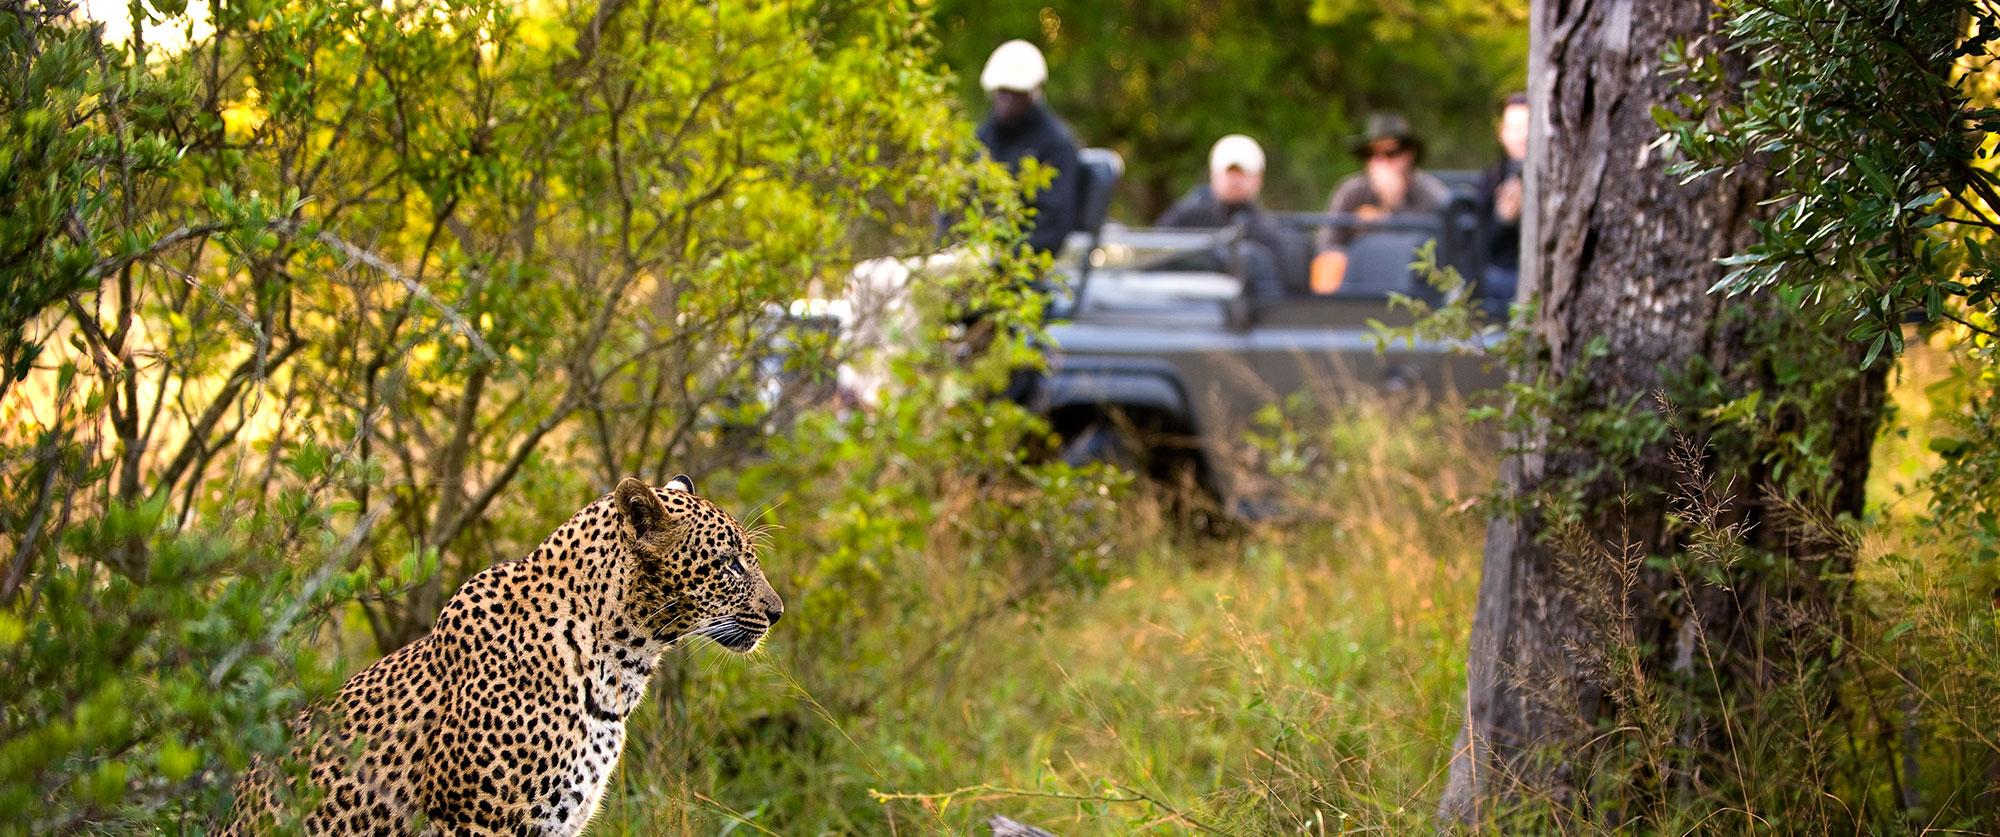 South Africa Kruger safari - Lion Sands Ivory Lodge safari